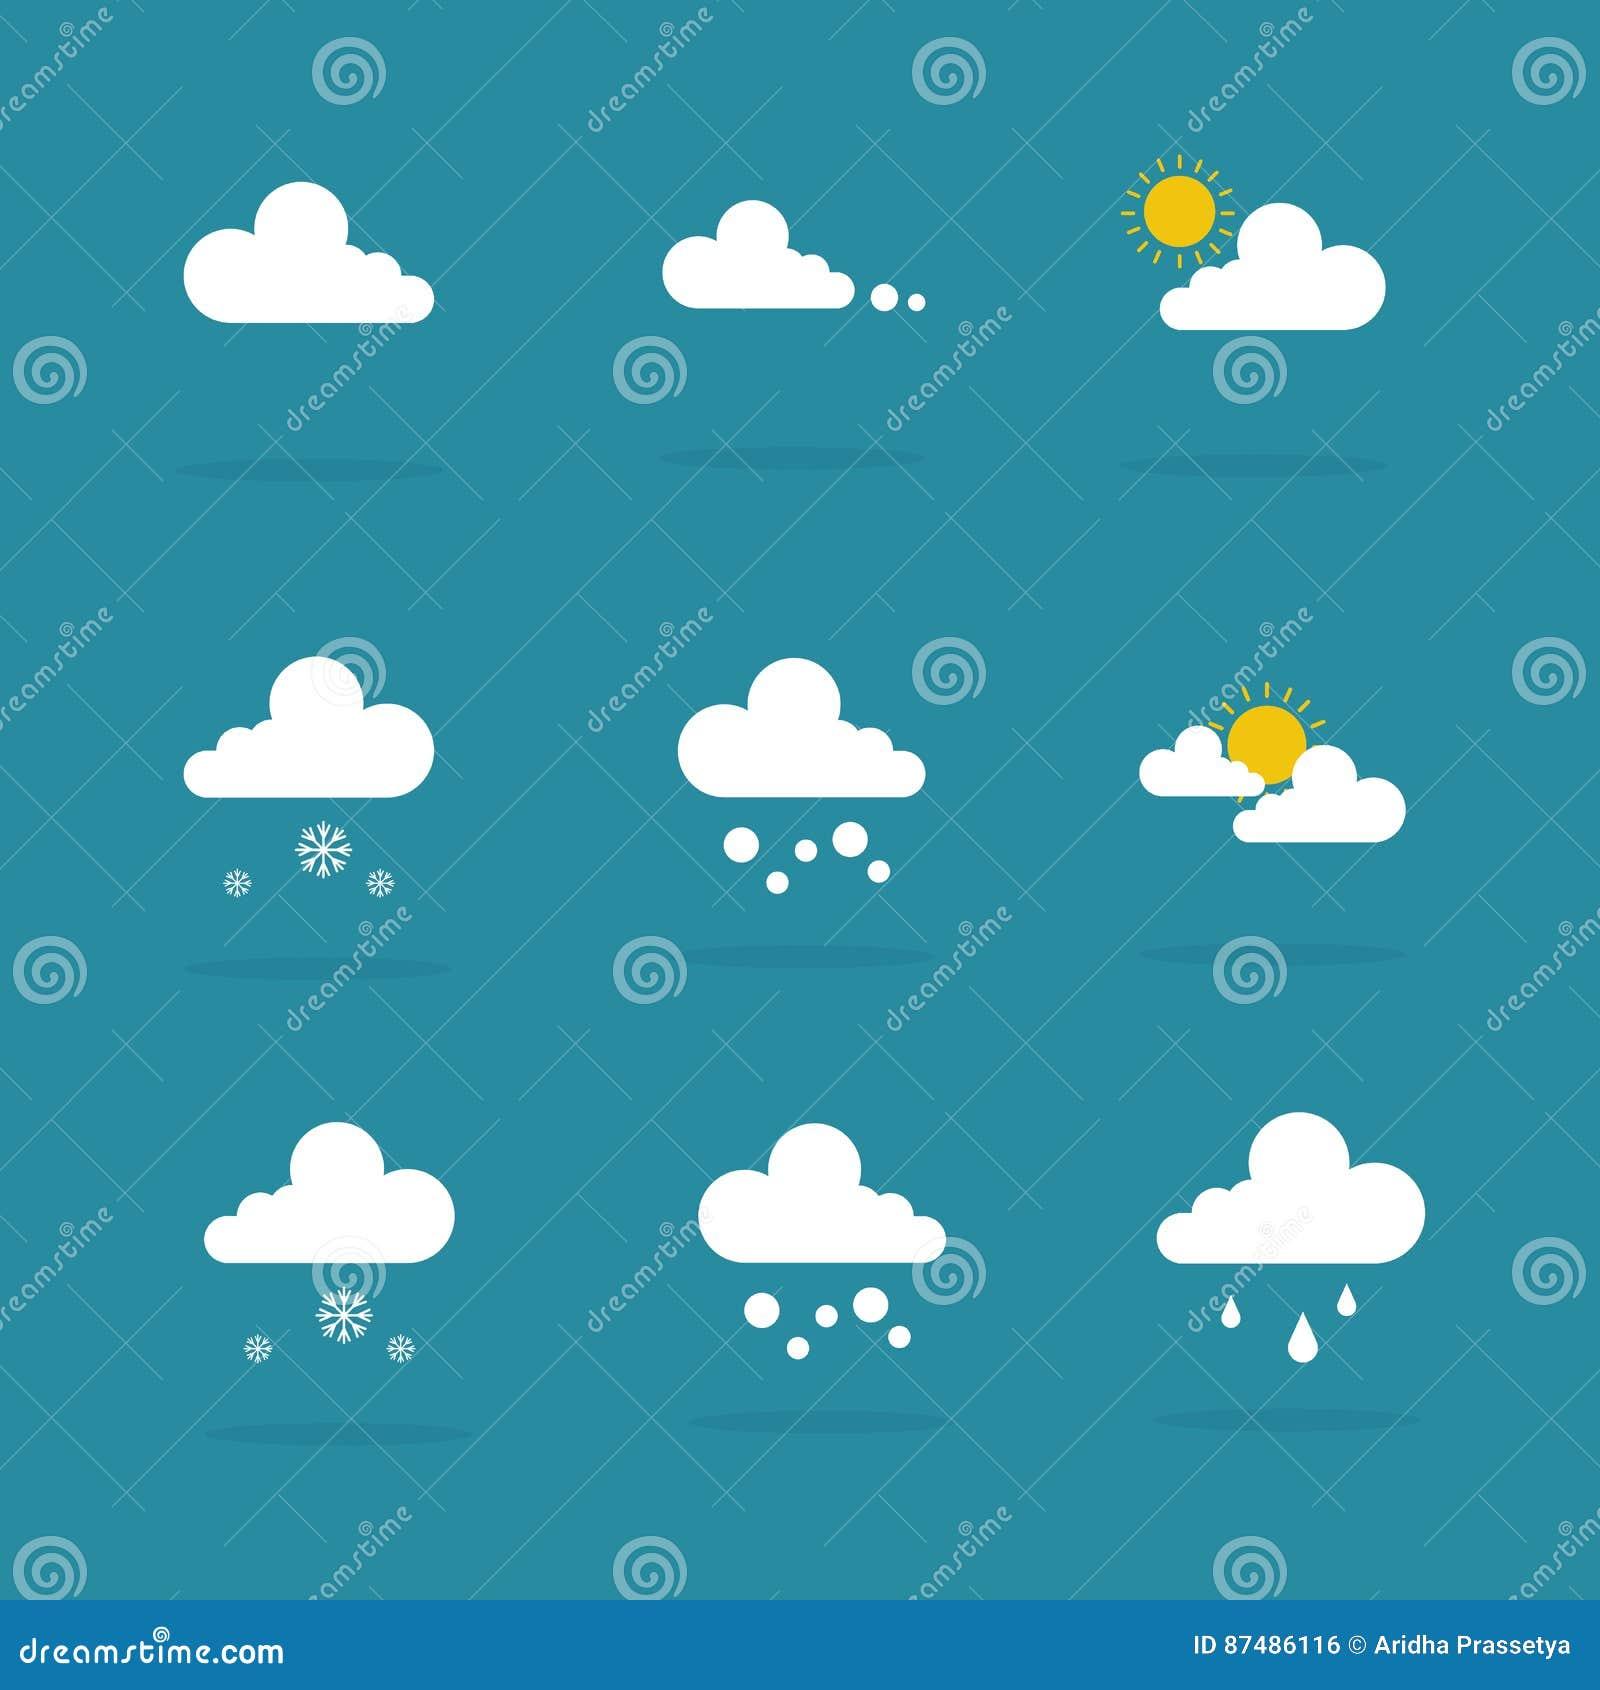 För symbolsvektor för väder fastställd illustration